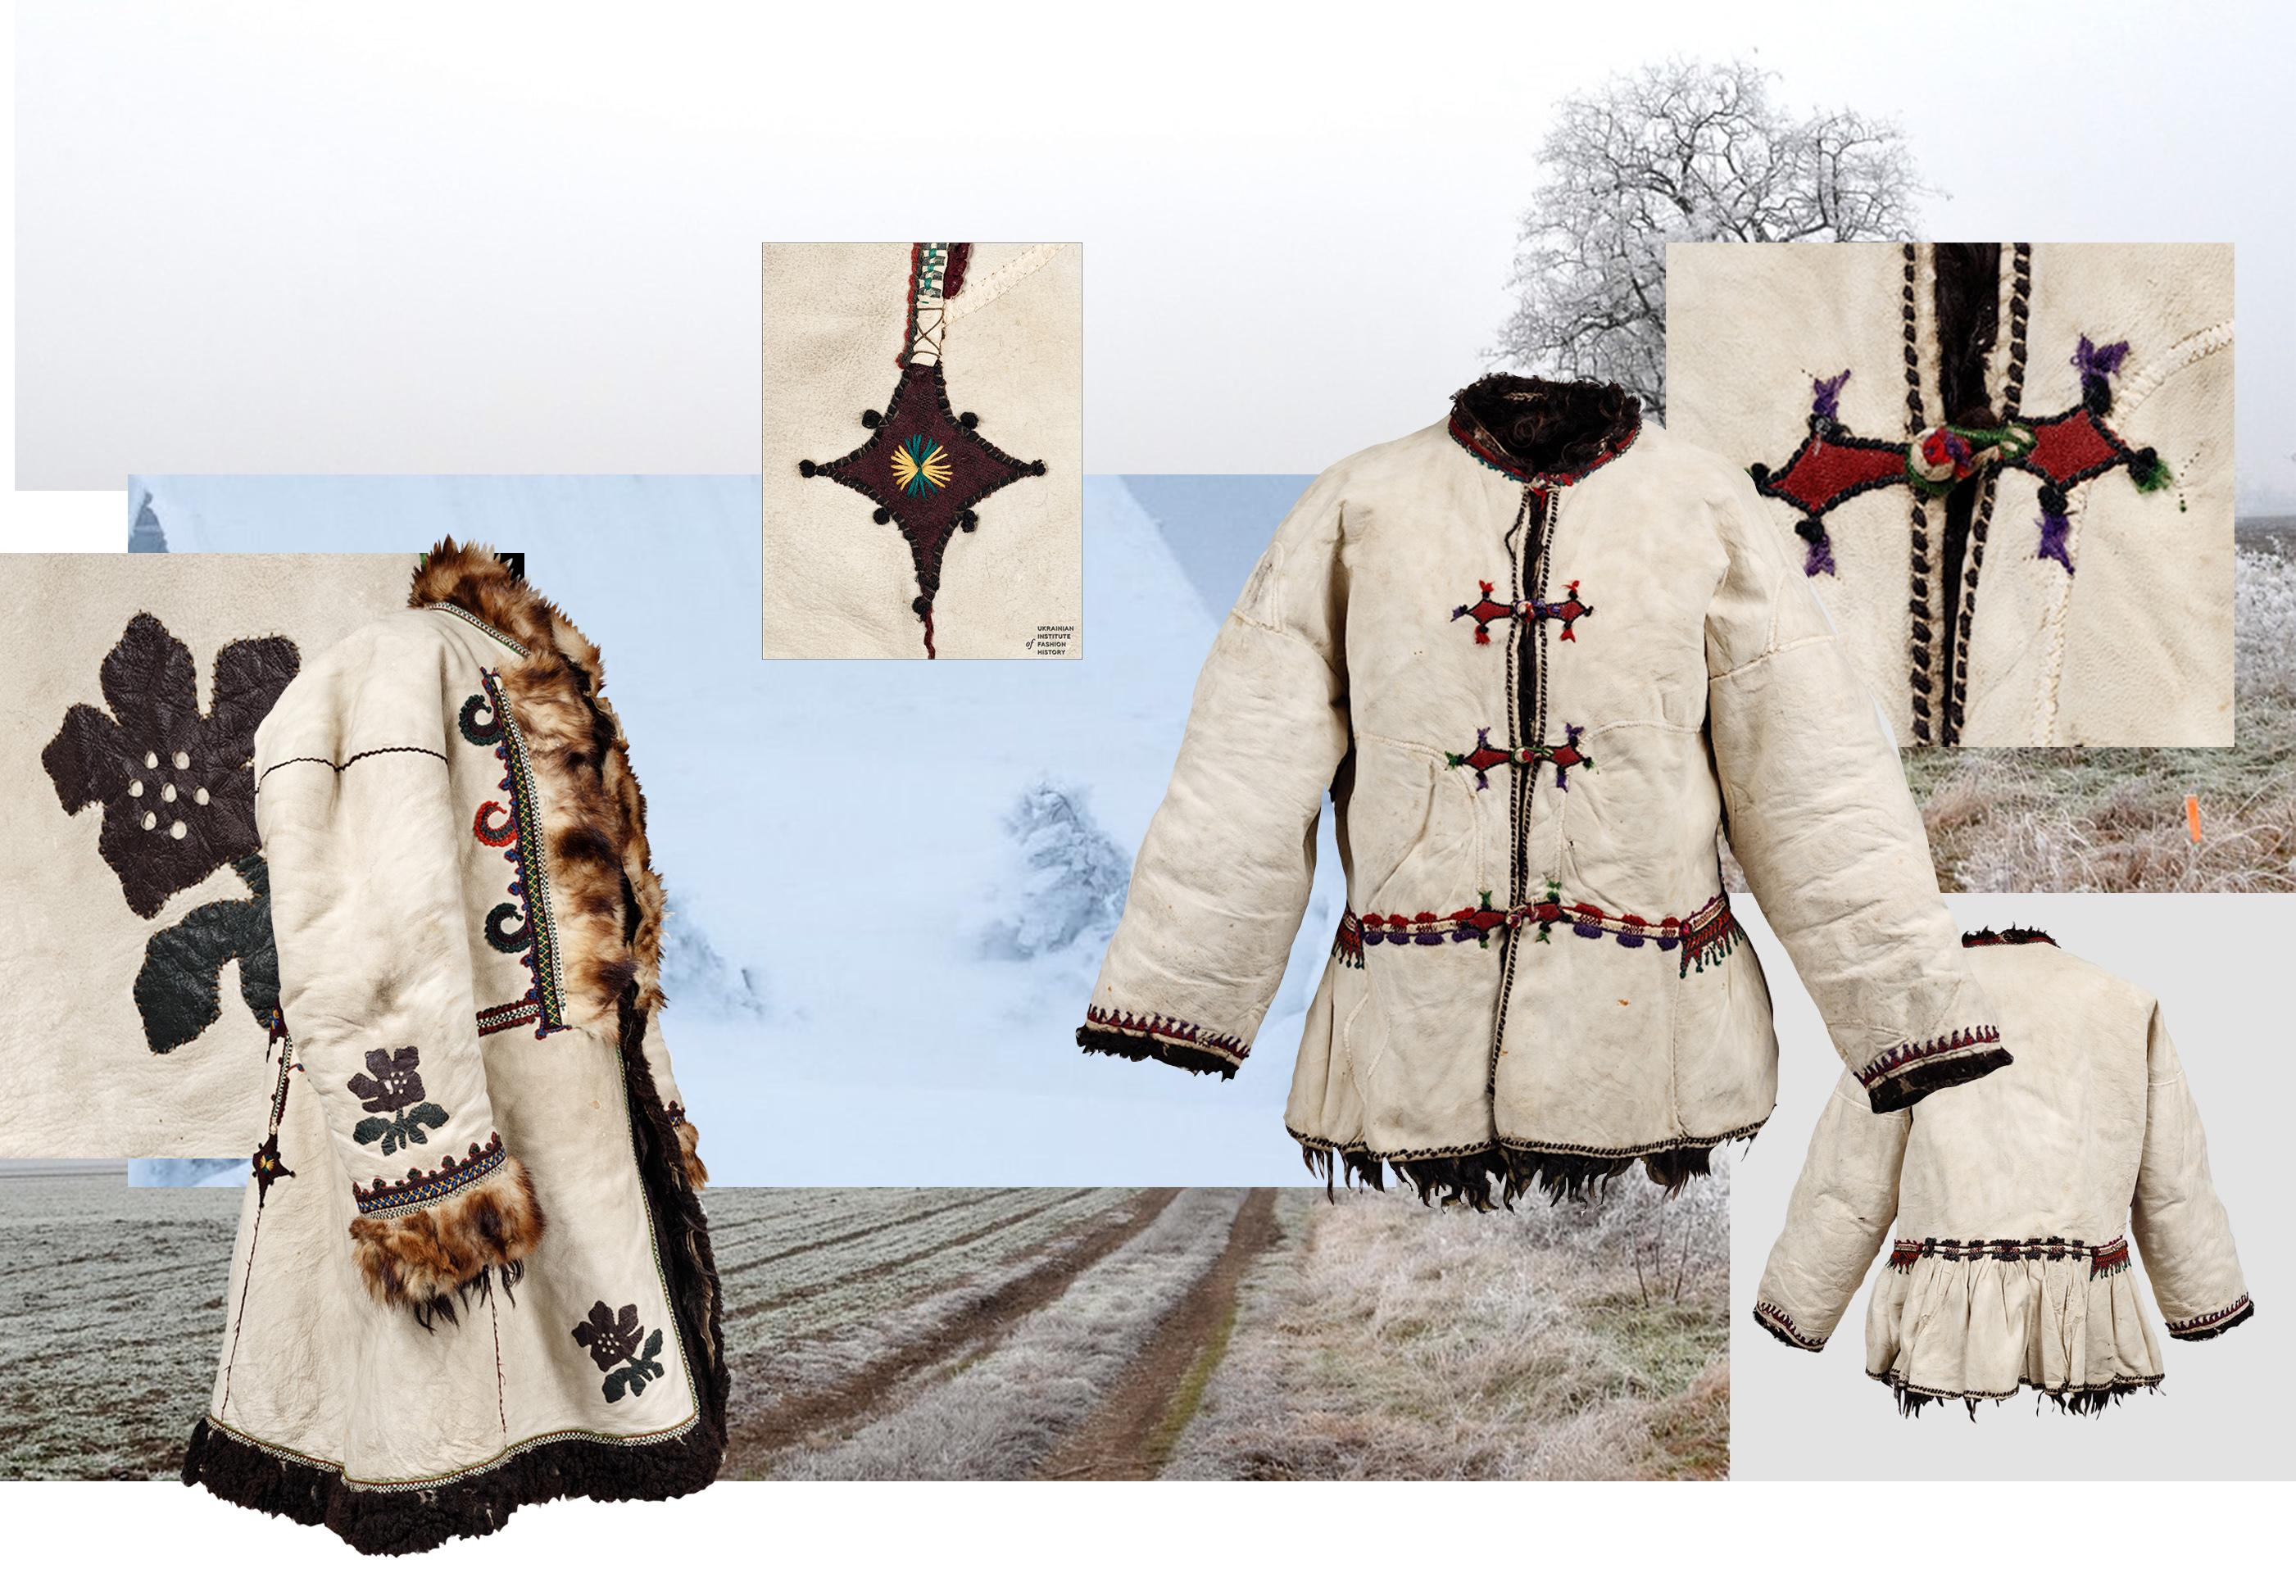 Українське автентичне вбрання: як наші пращури вдягались на зимові свята